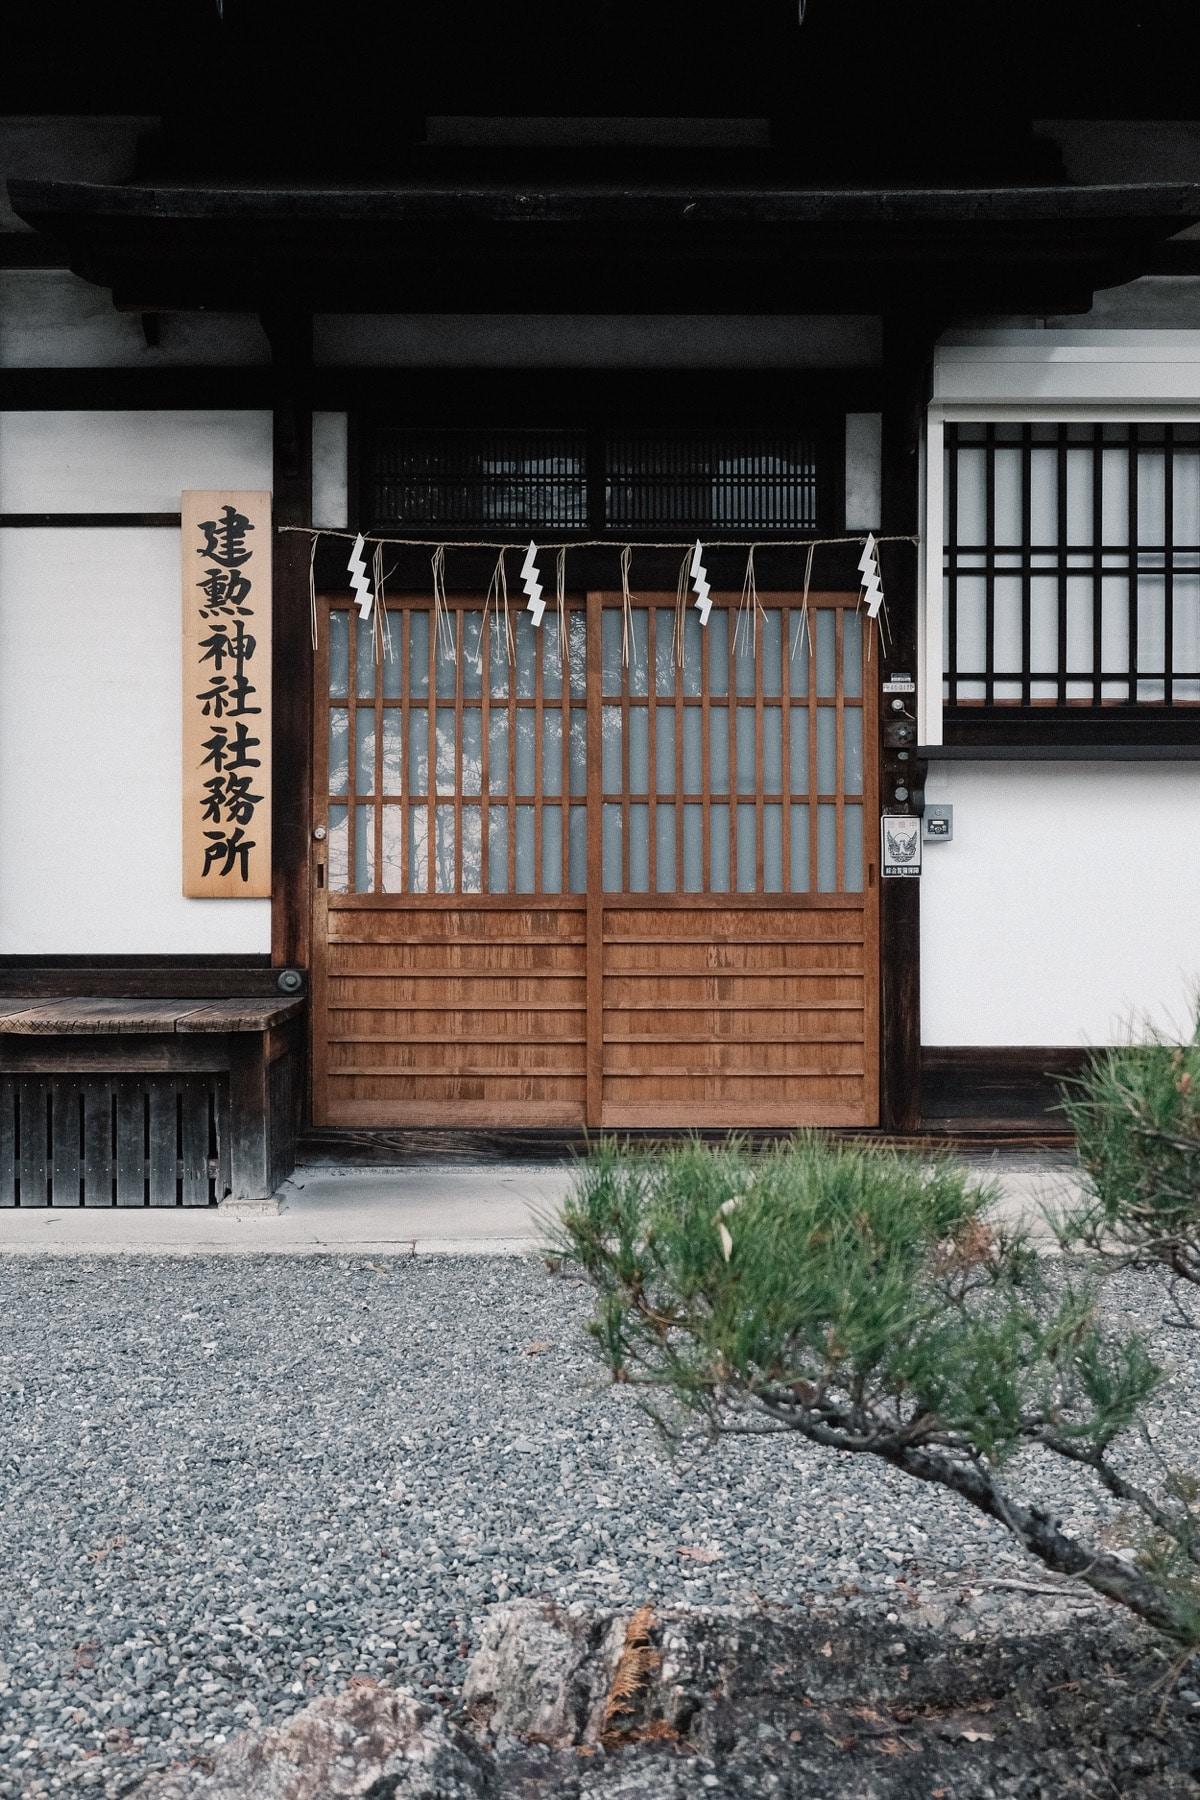 Kinlake-Kyoto-Lifestyle-2018-6984